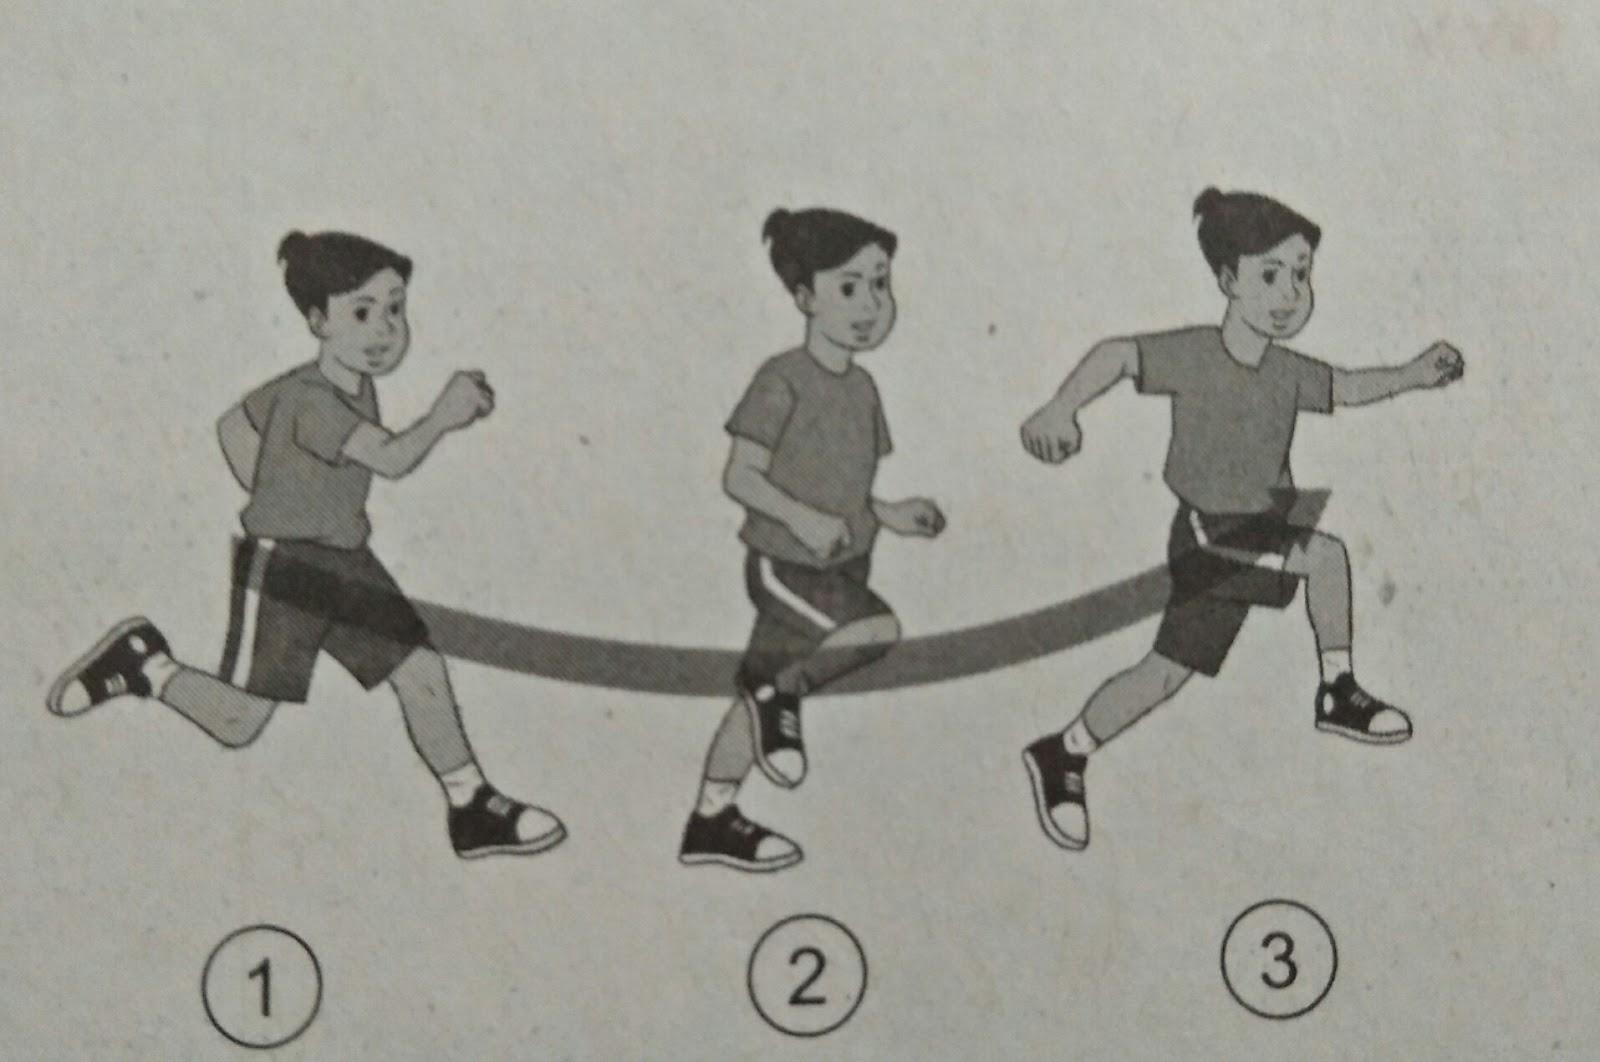 Kombinasi Gerak Dasar Jalan Lari Lompat Dan Lempar Penjaskes